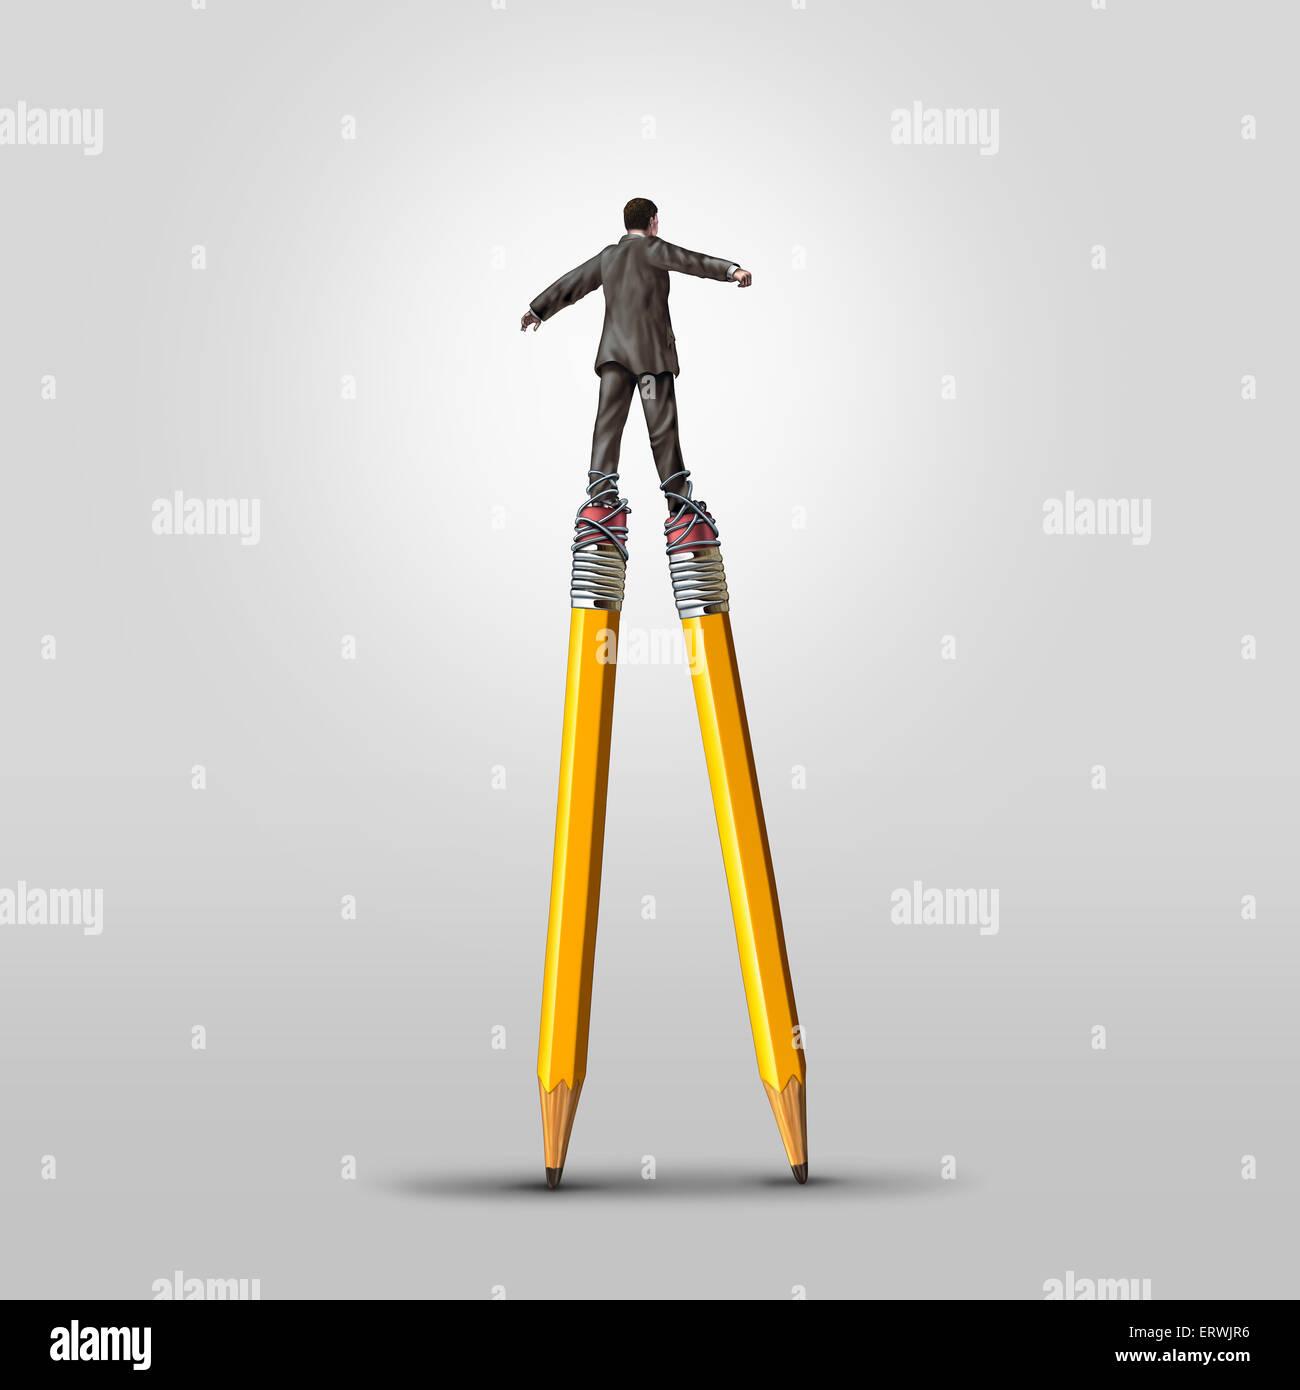 Kreative Fähigkeiten Konzept als ein kluger Geschäftsmann balancieren auf Stelzen hoch Bleistift befestigt Stockbild